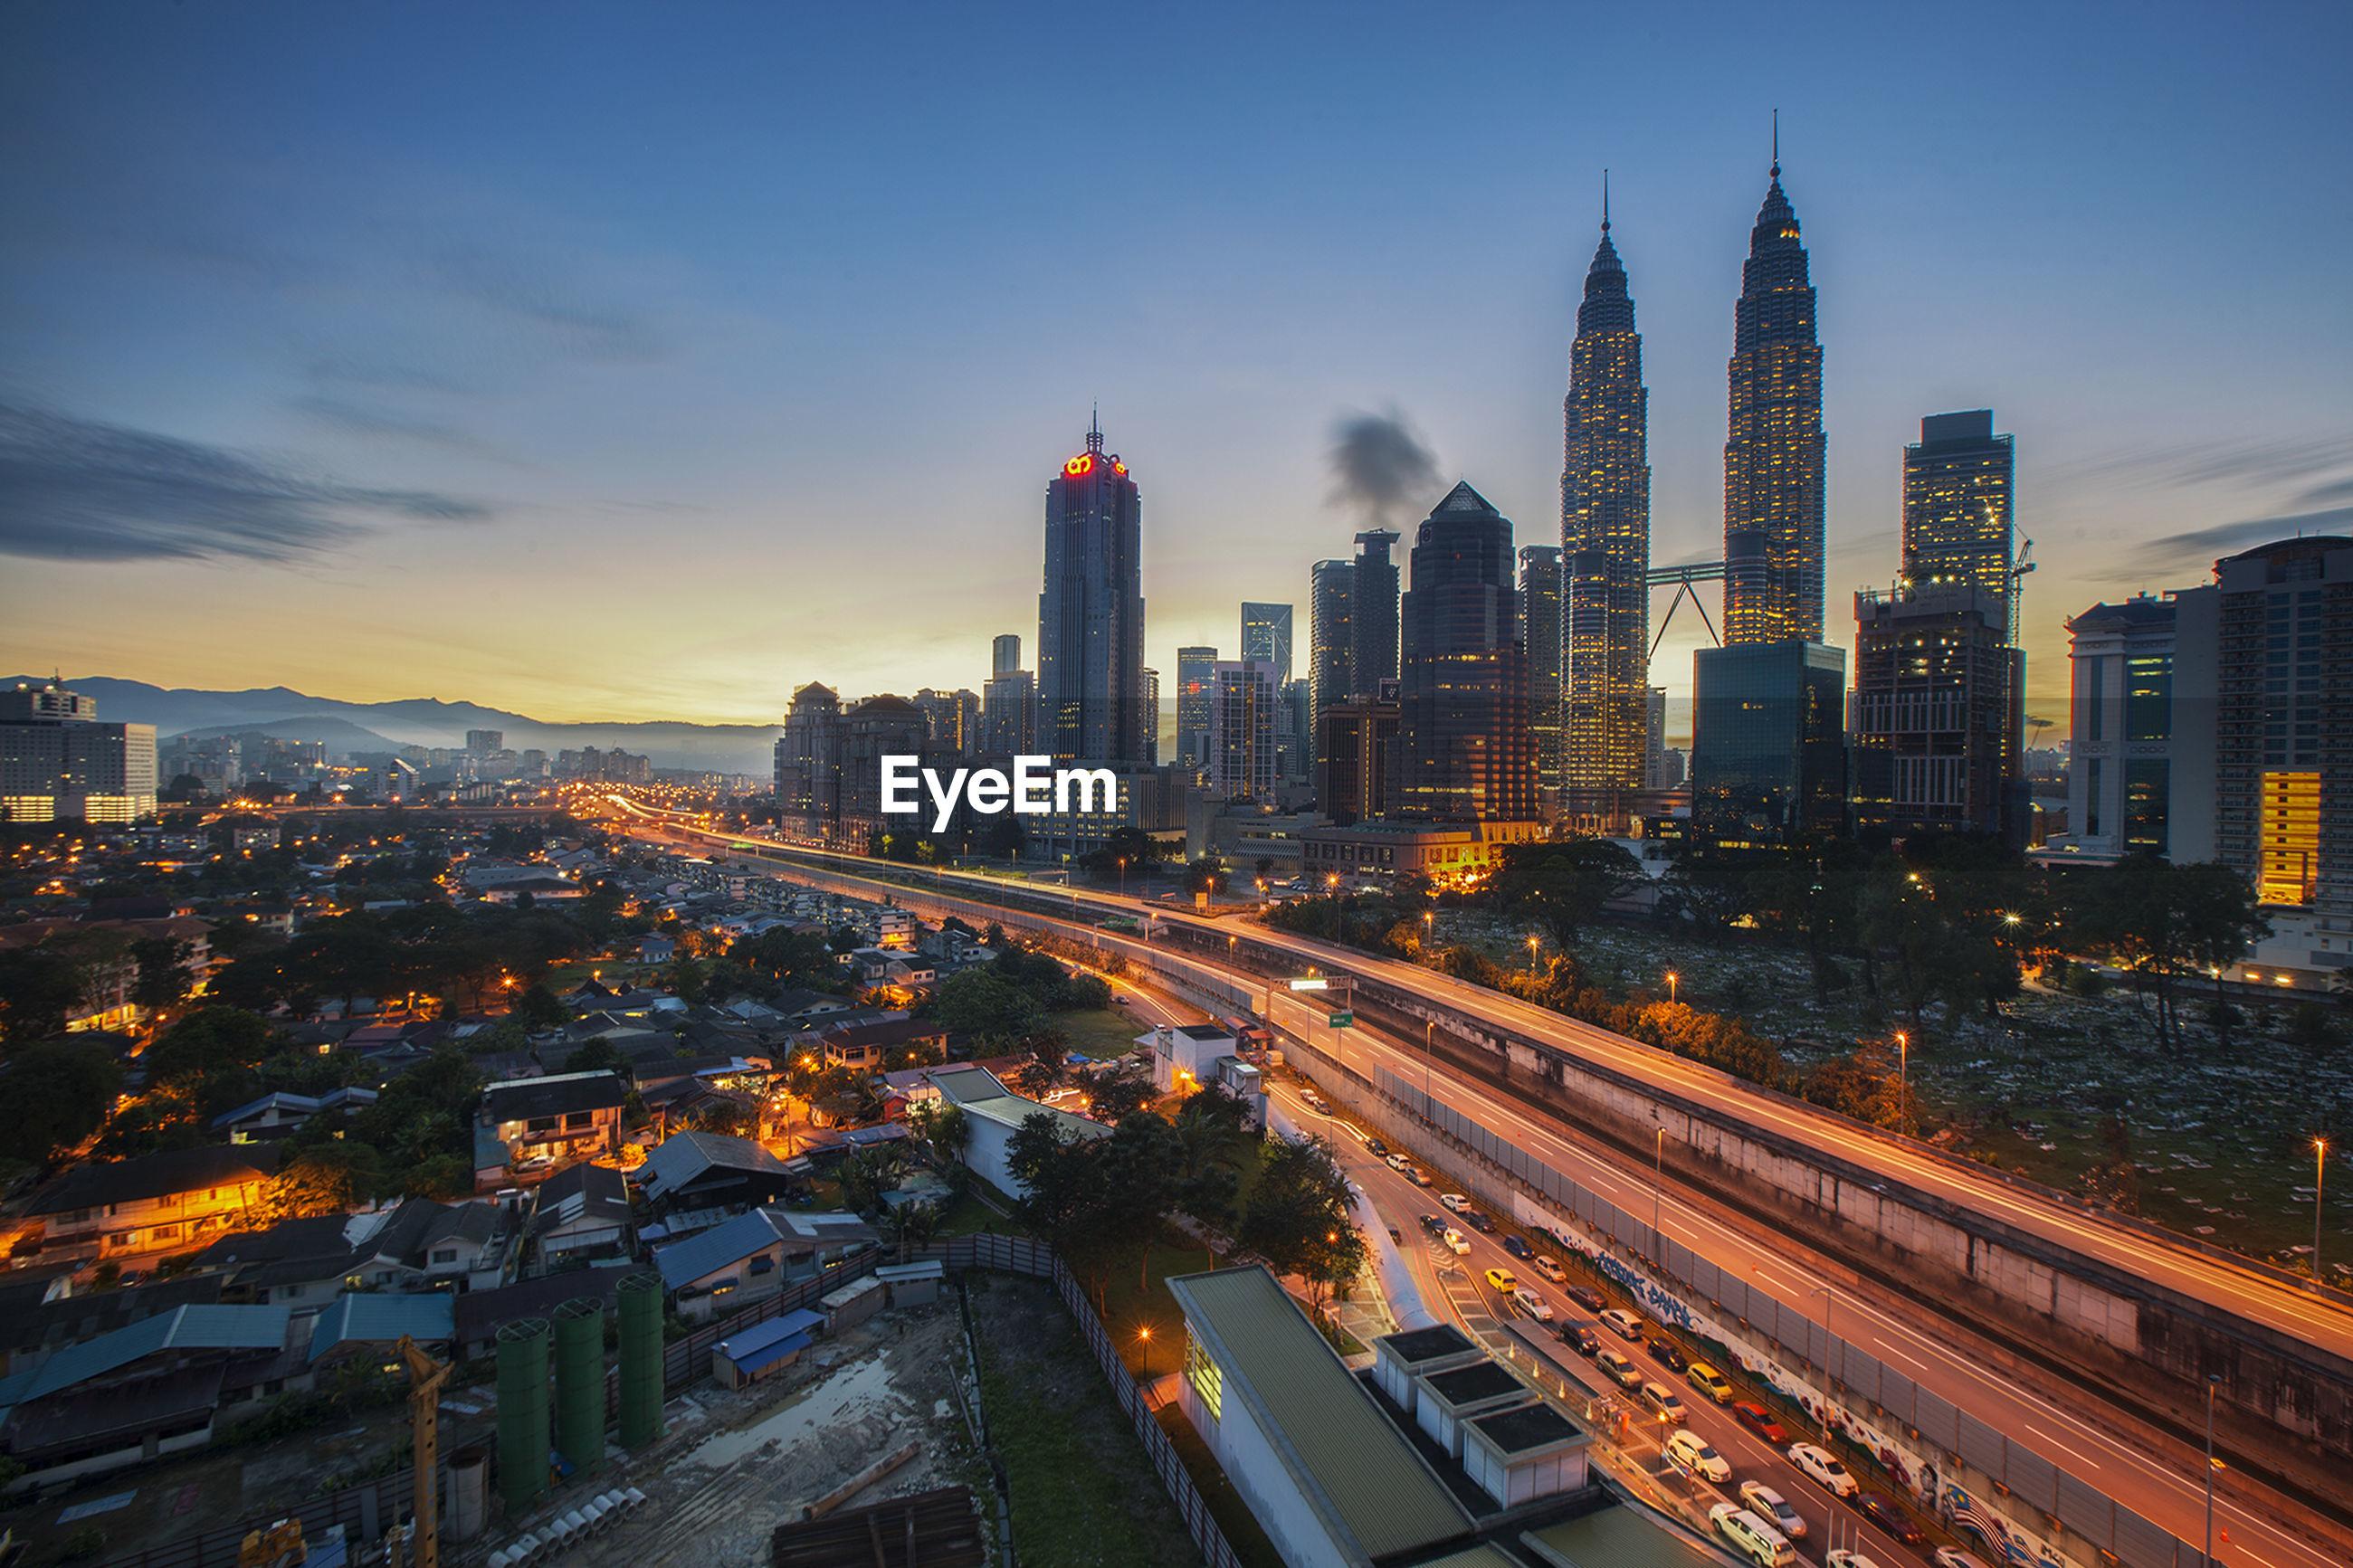 Kuala lumpur cityscape at sunset